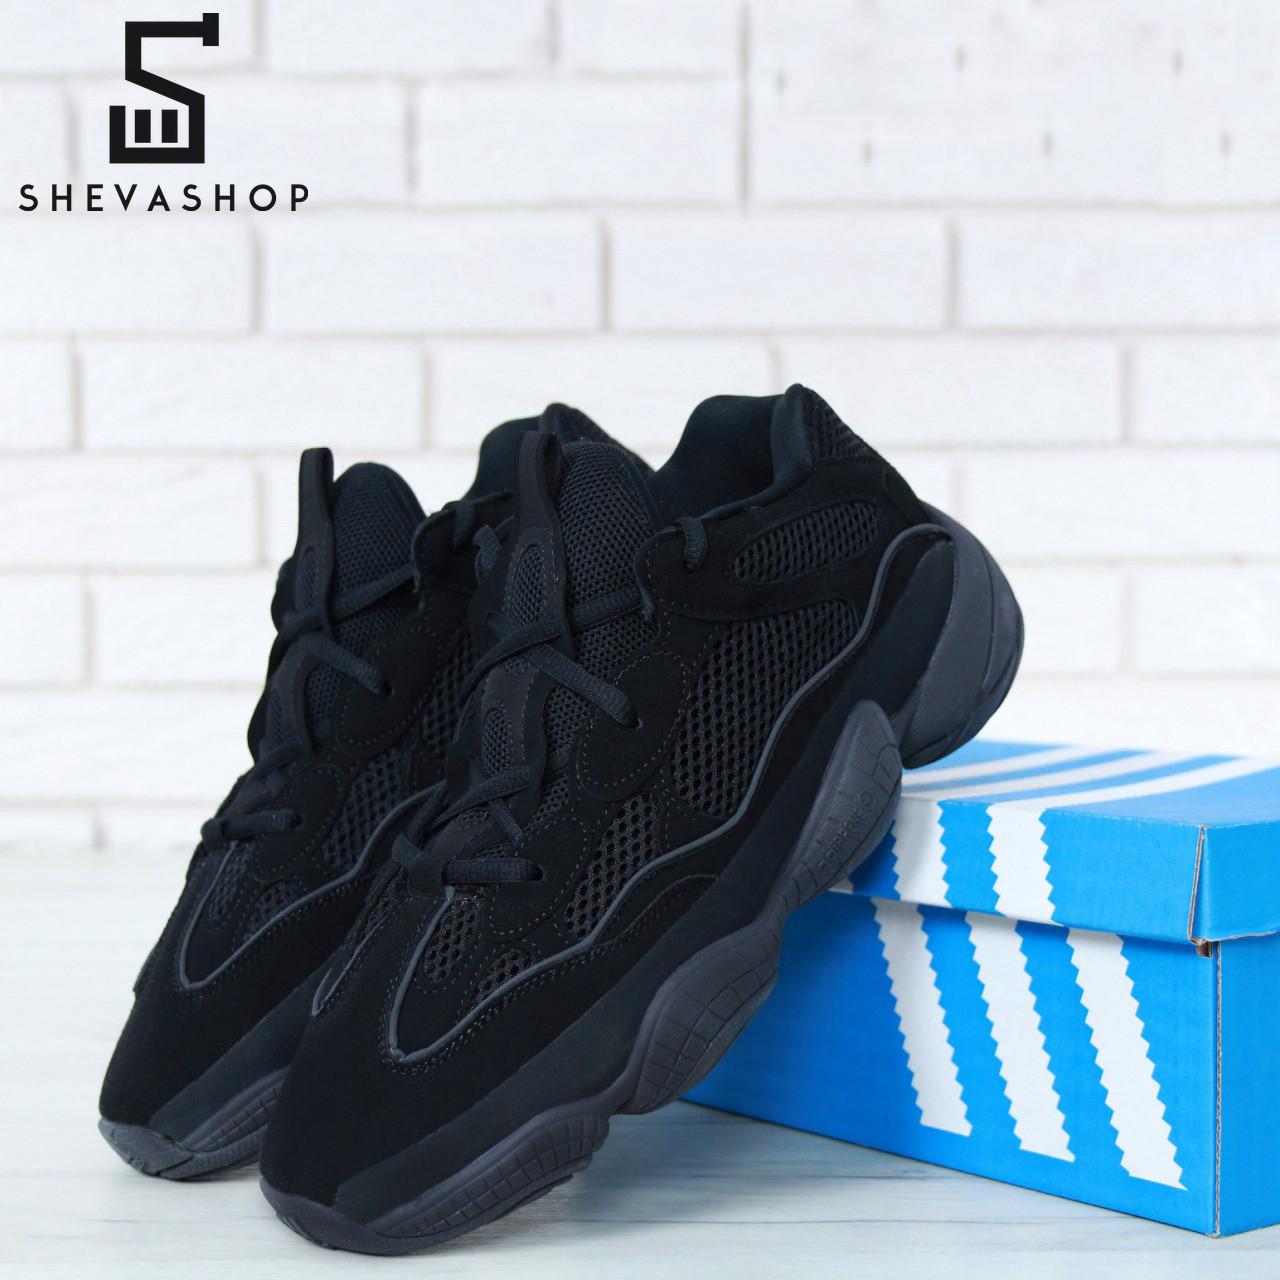 Мужские кроссовки в стиле Ad*das Yeezy Boost 500 черные